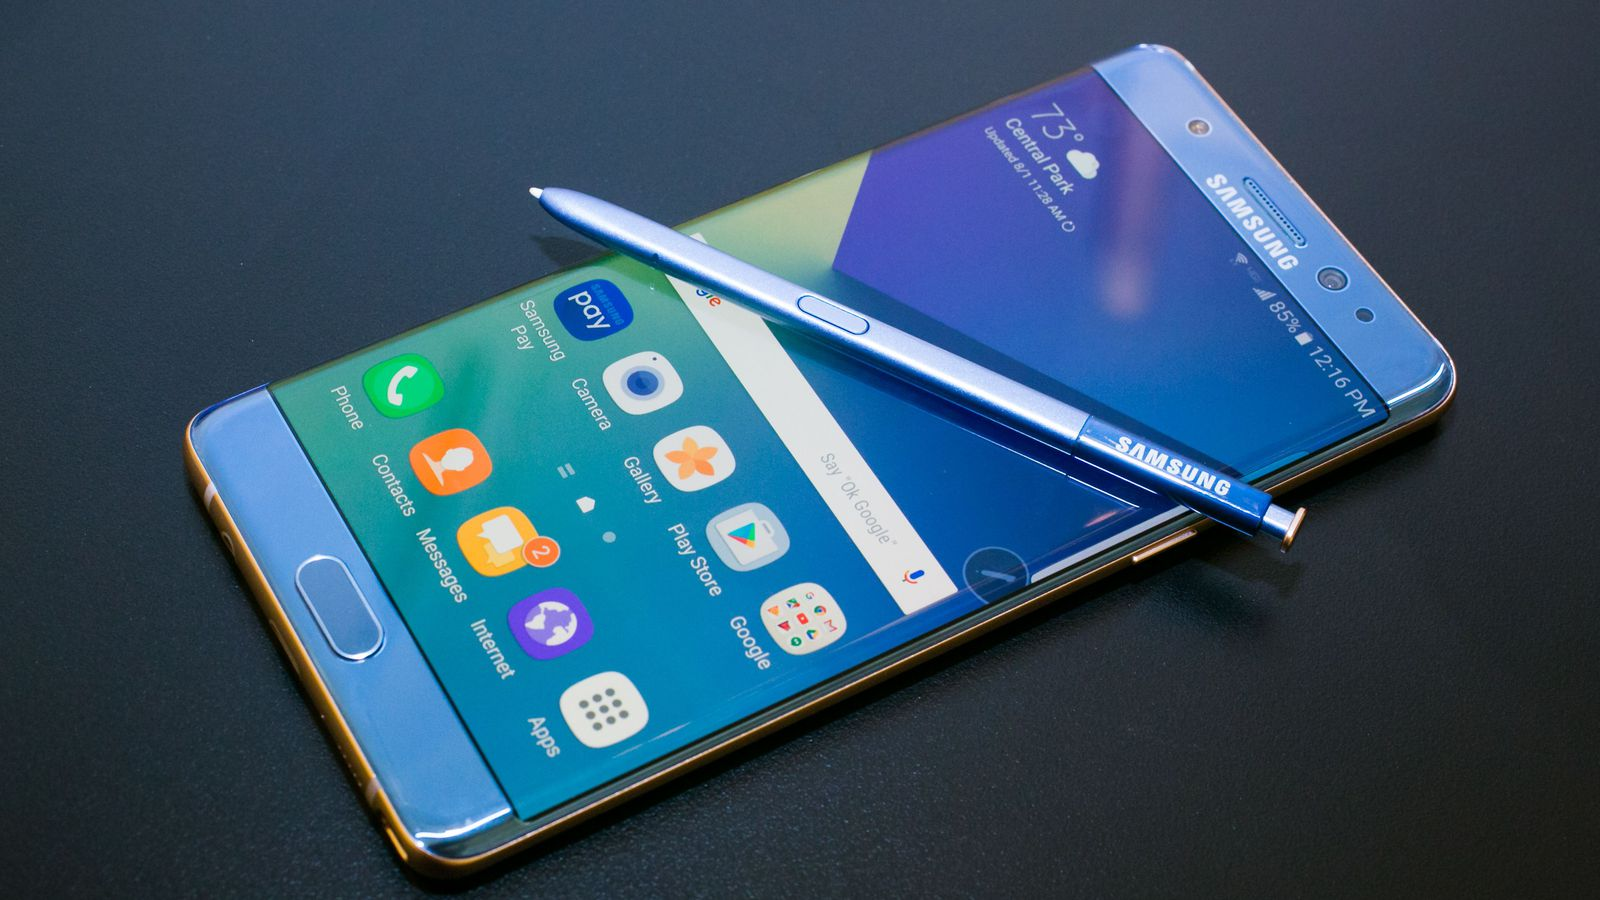 Galaxy Note 7 es bastante potente, según AnTuTu